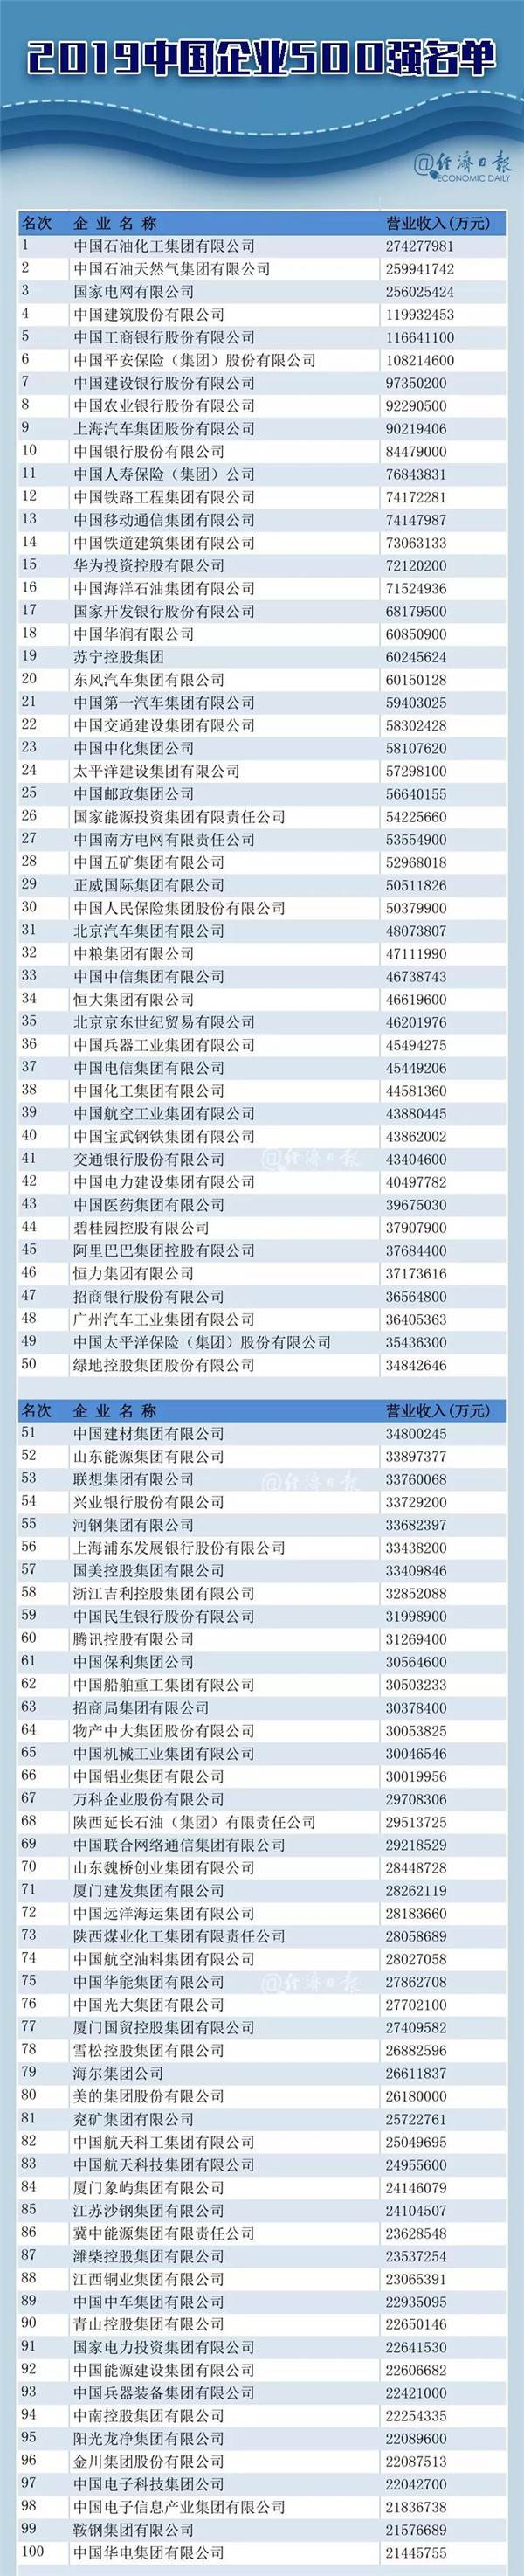 中国企业500强榜单揭晓 千亿俱乐部又壮大了!